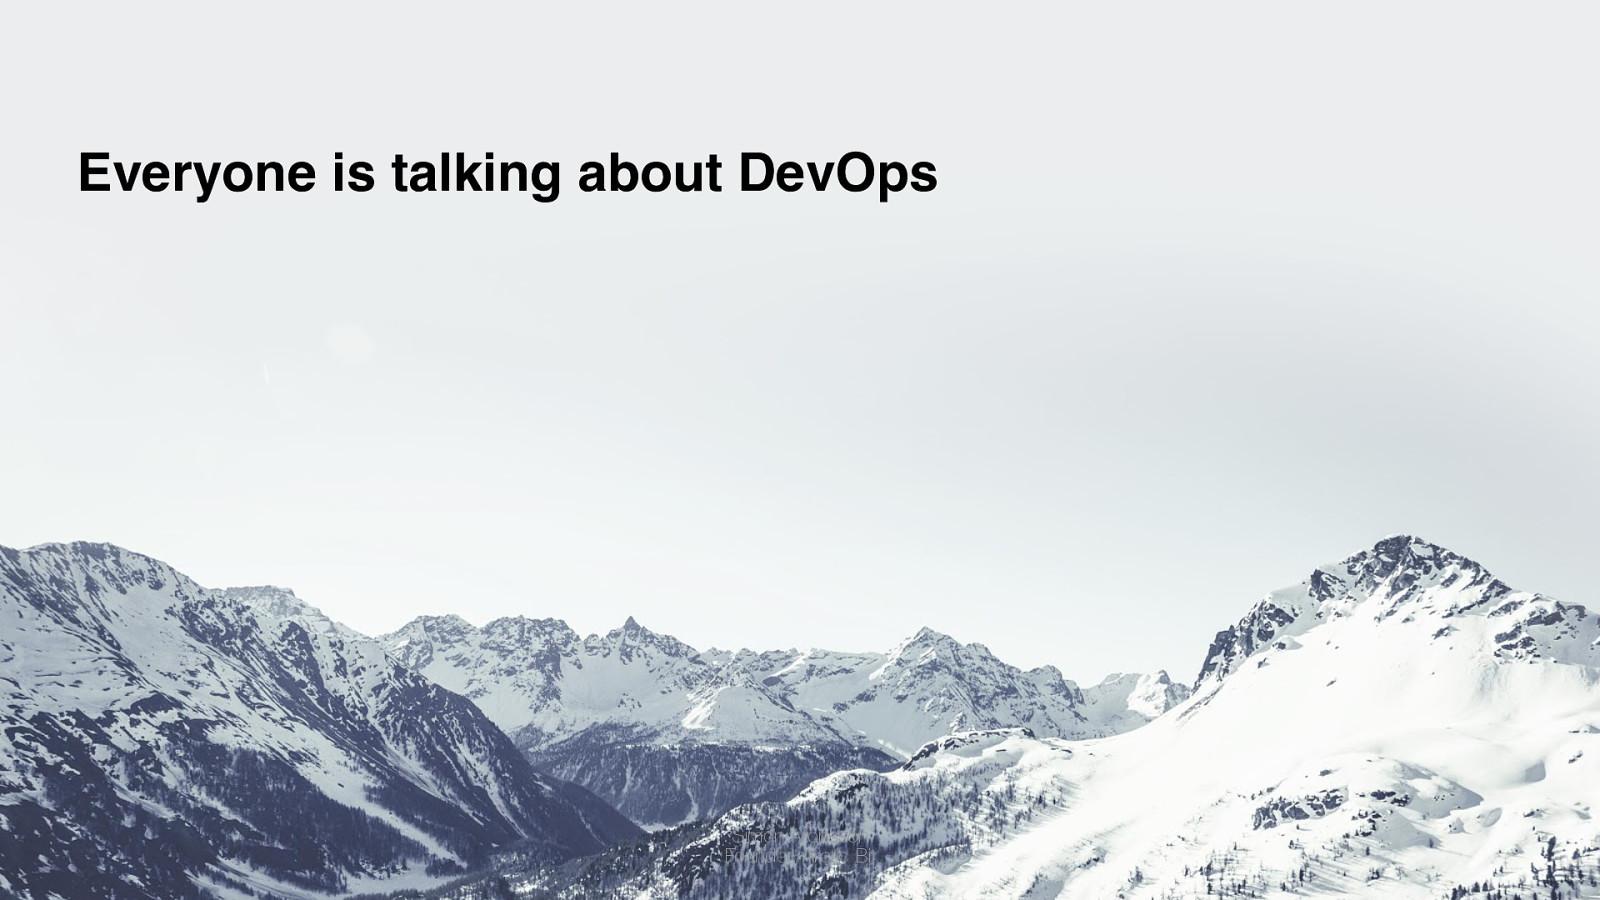 Everyone's talking about DevOps